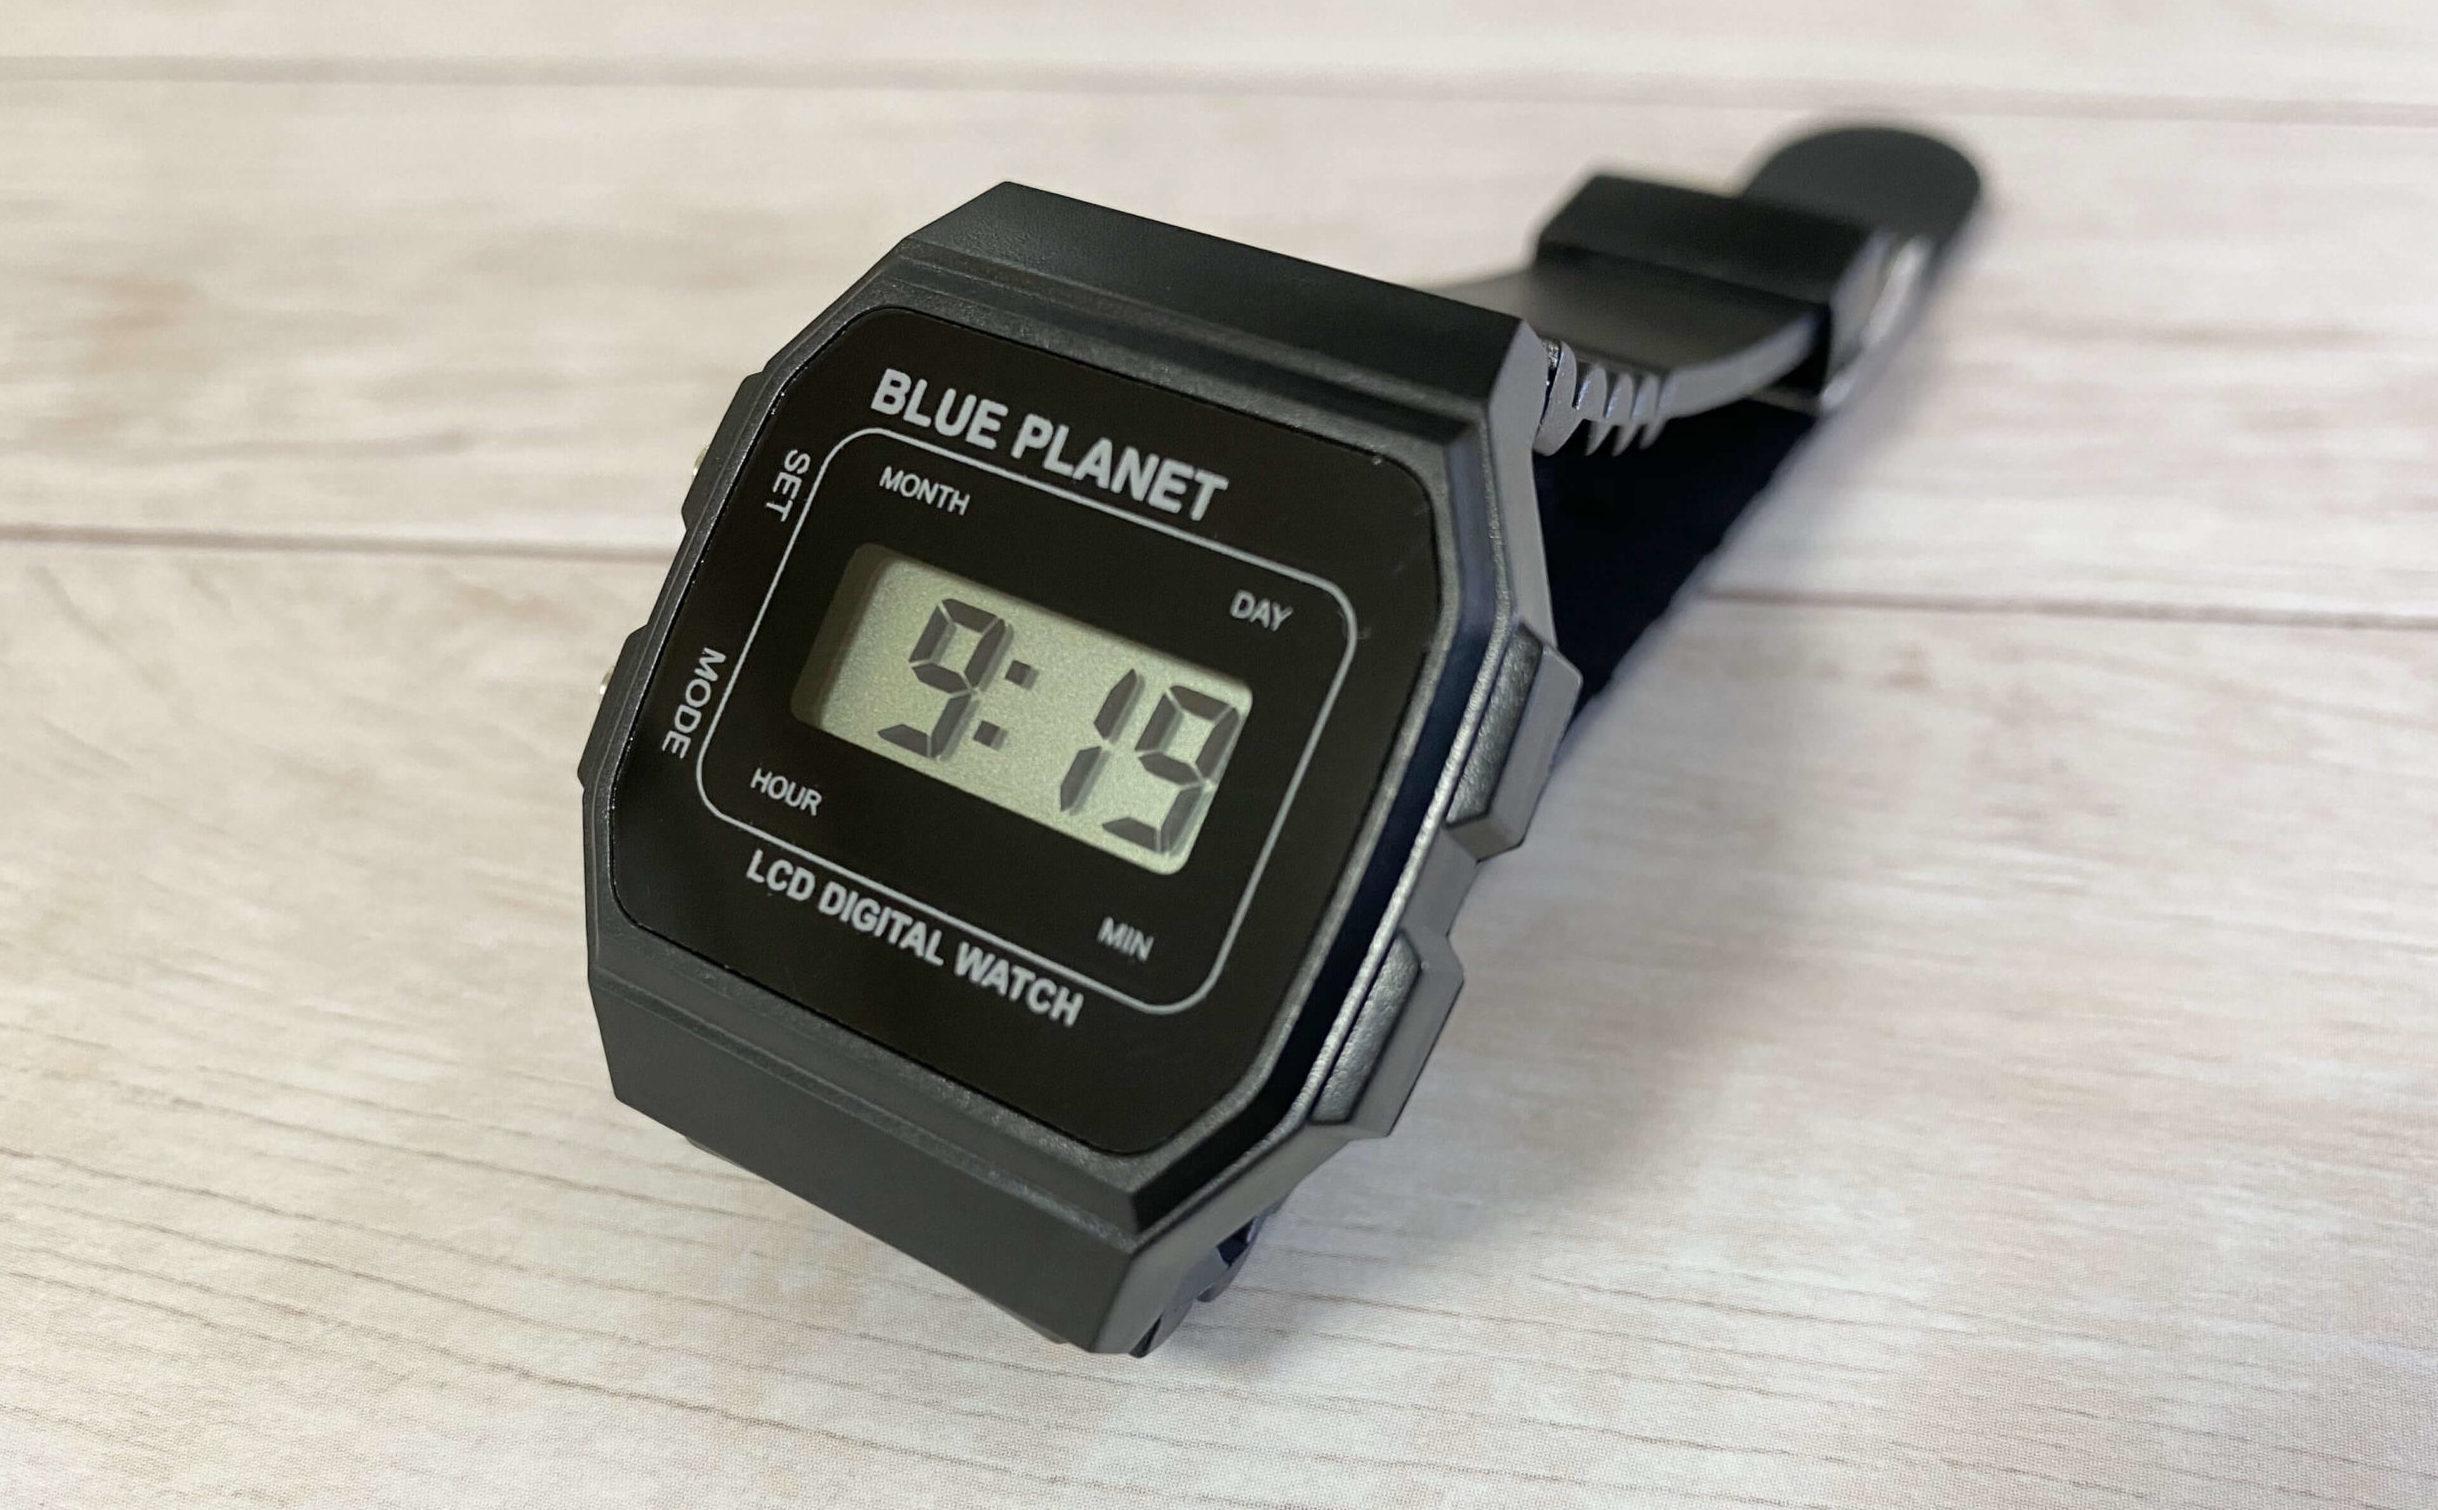 ダイソー腕時計ブループラネットAのデジタルディスプレイ